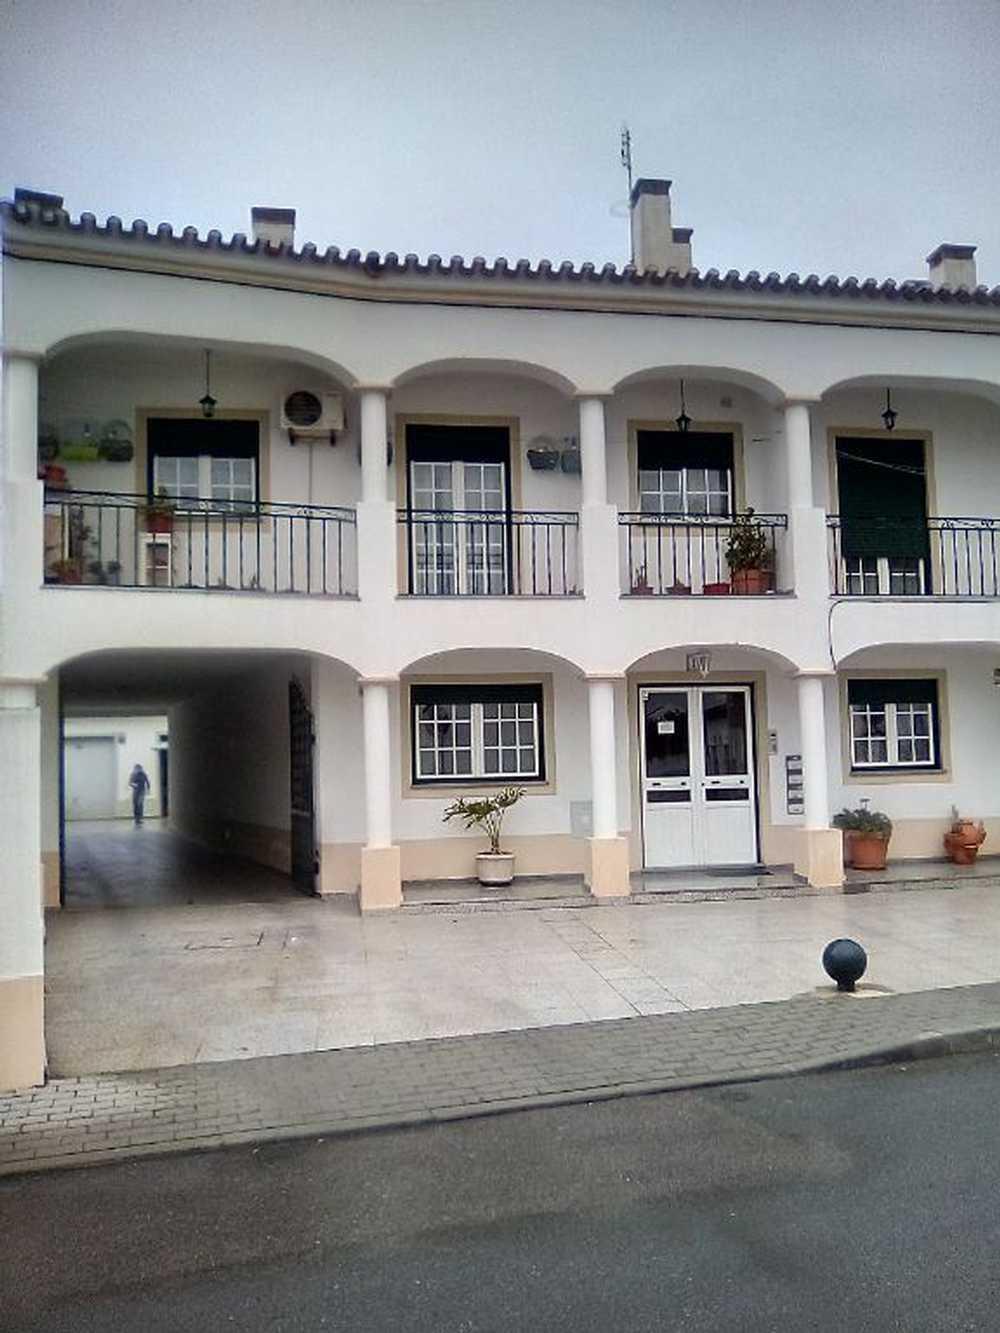 Ponte de Sor Ponte De Sor 公寓 照片 #request.properties.id#